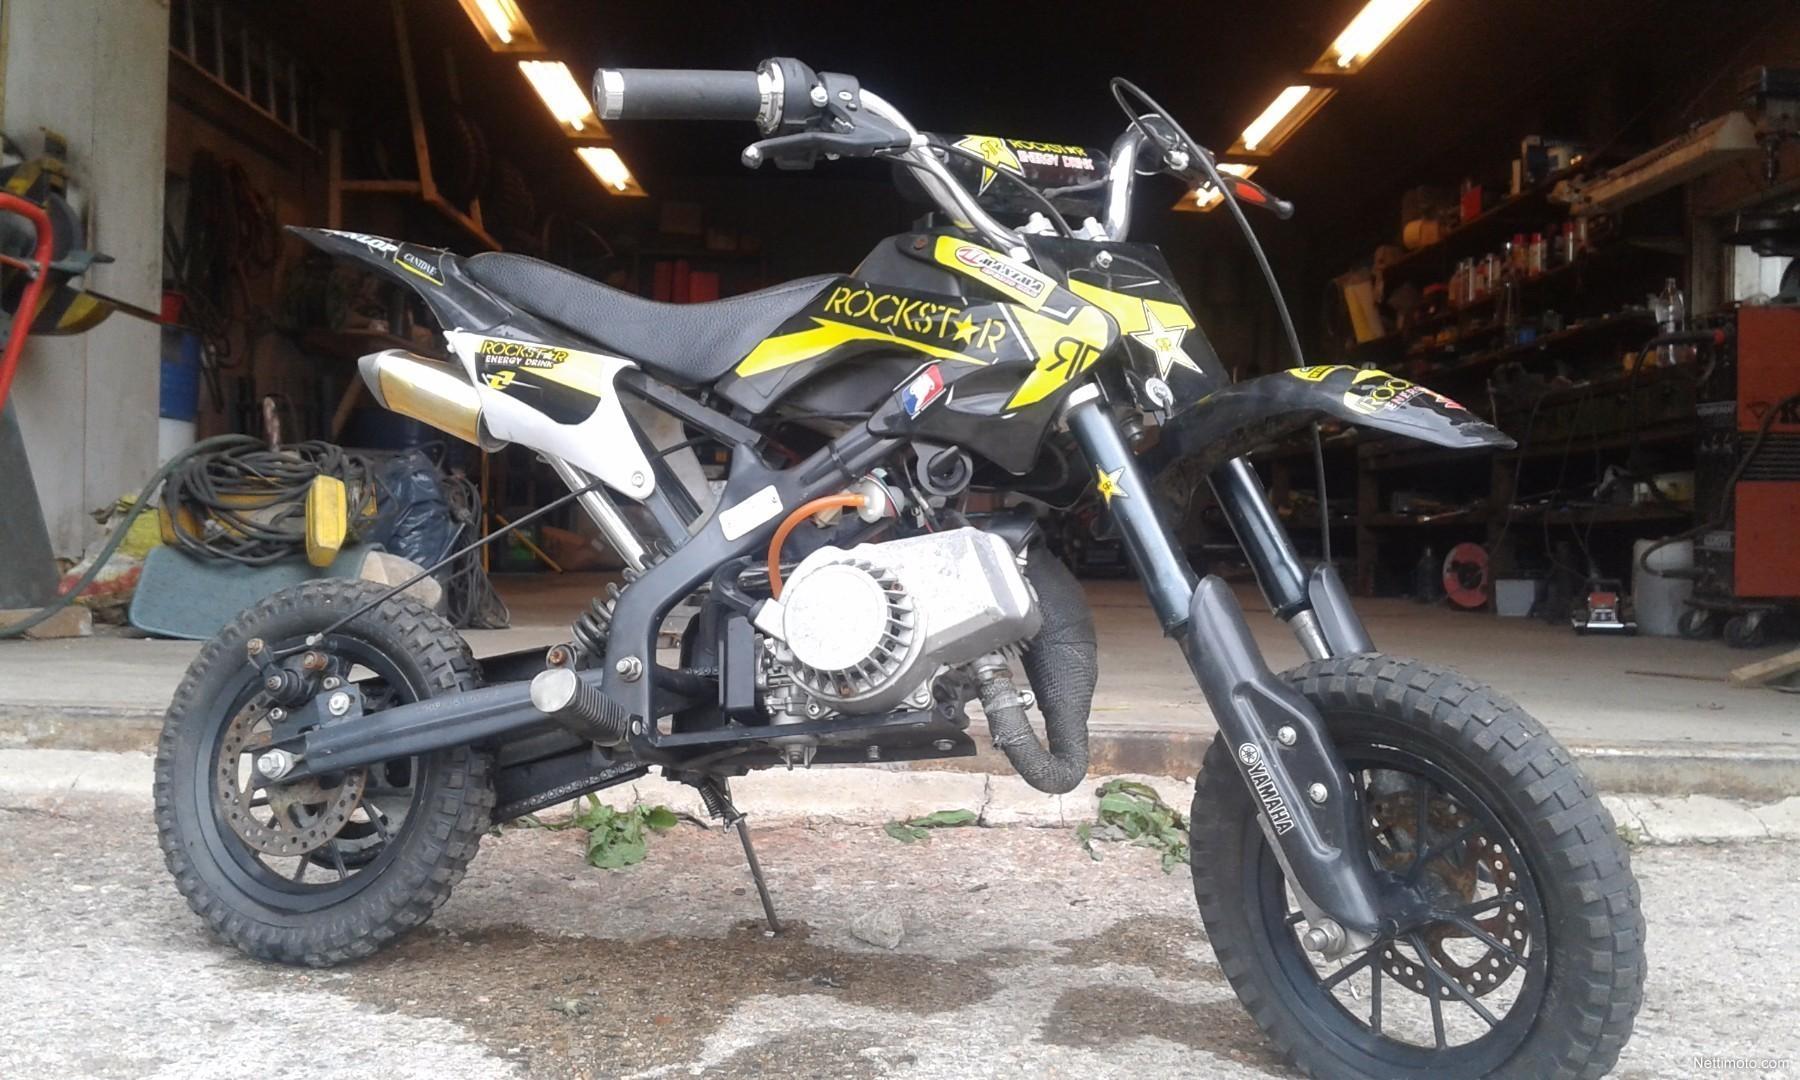 Samurai cross 50cc 50 cm³ 2014 - Mäntsälä - Mopo - Nettimoto